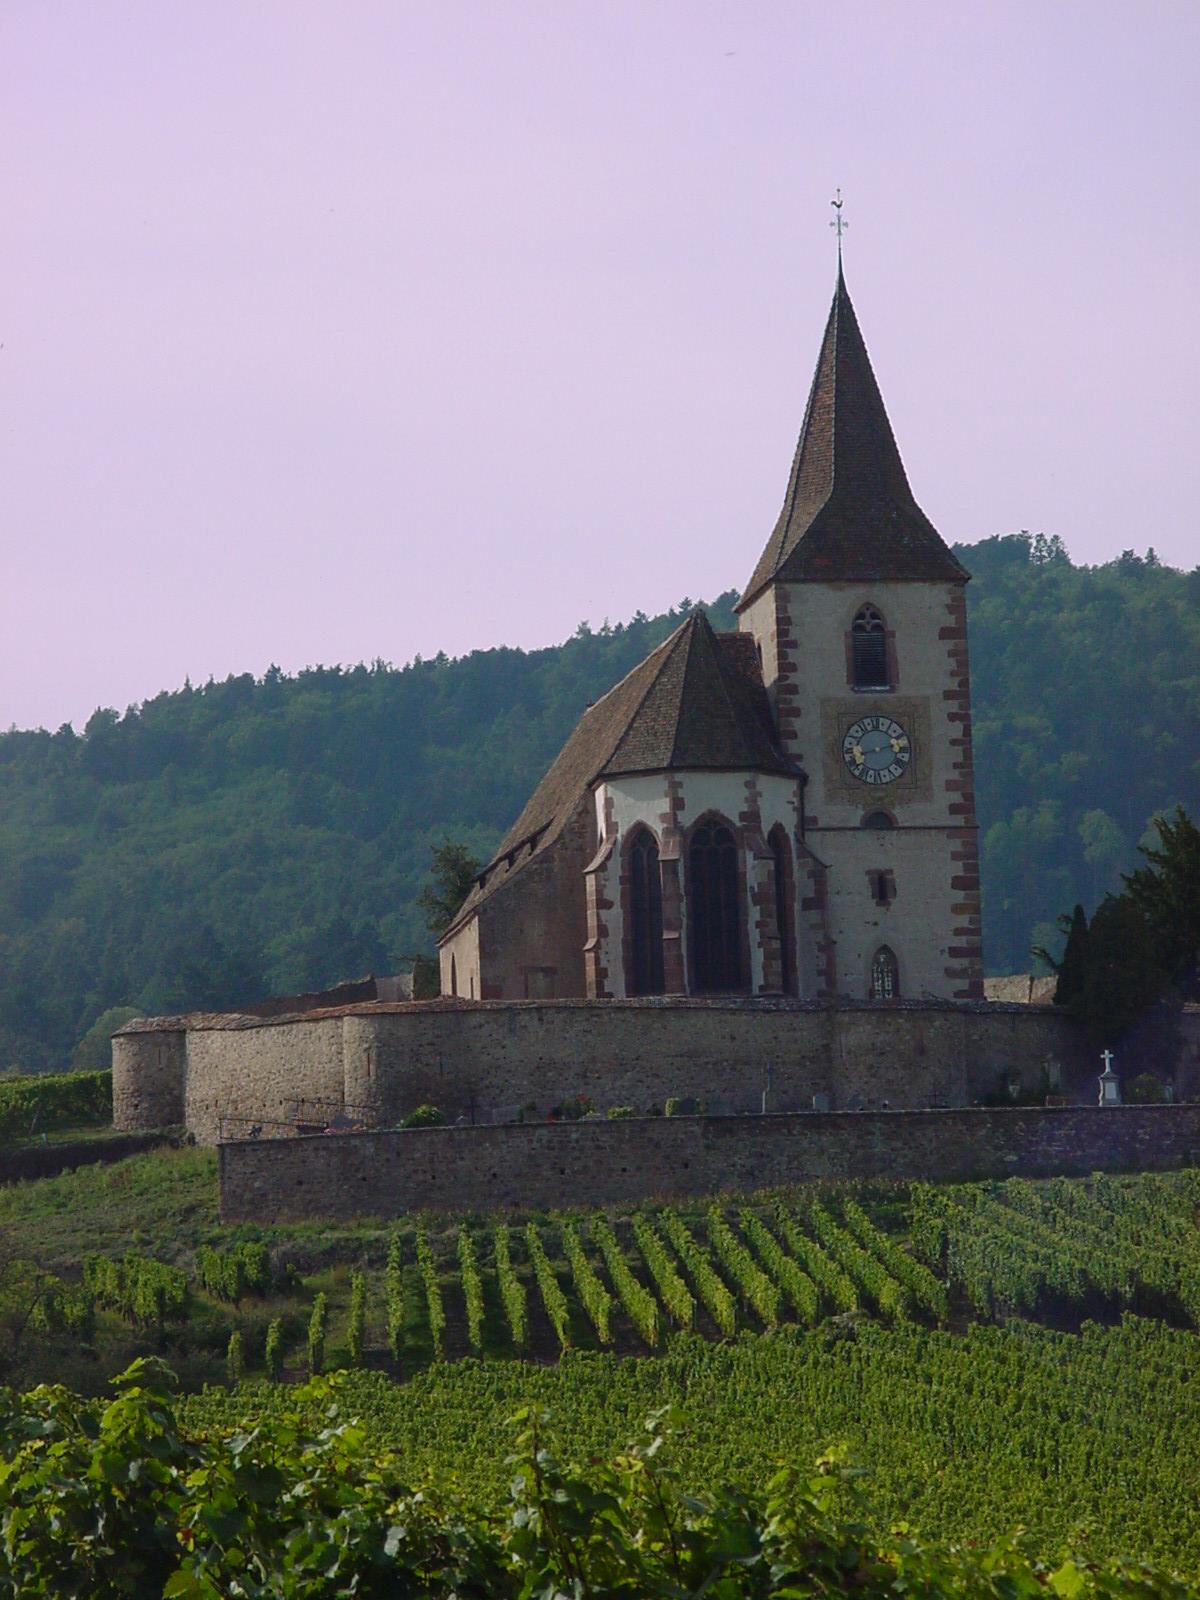 Visites guidées de l'église- Journée du patrimoine